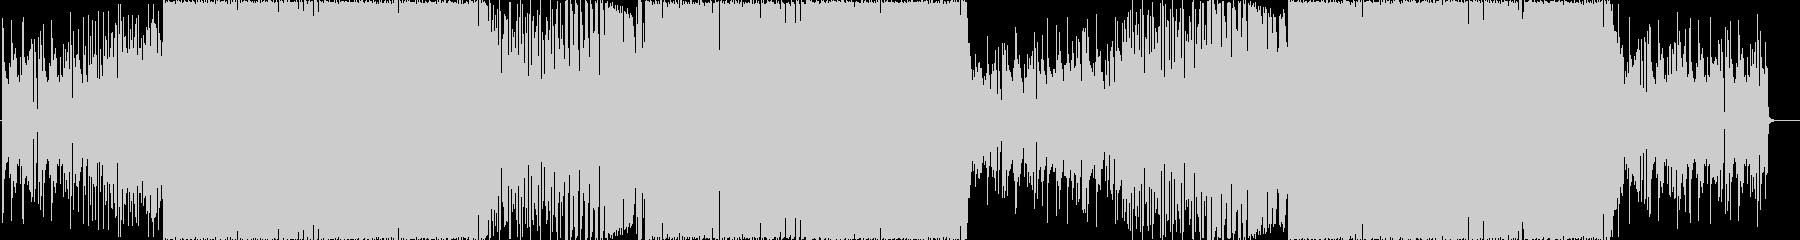 ピアノが印象的なポップスの未再生の波形